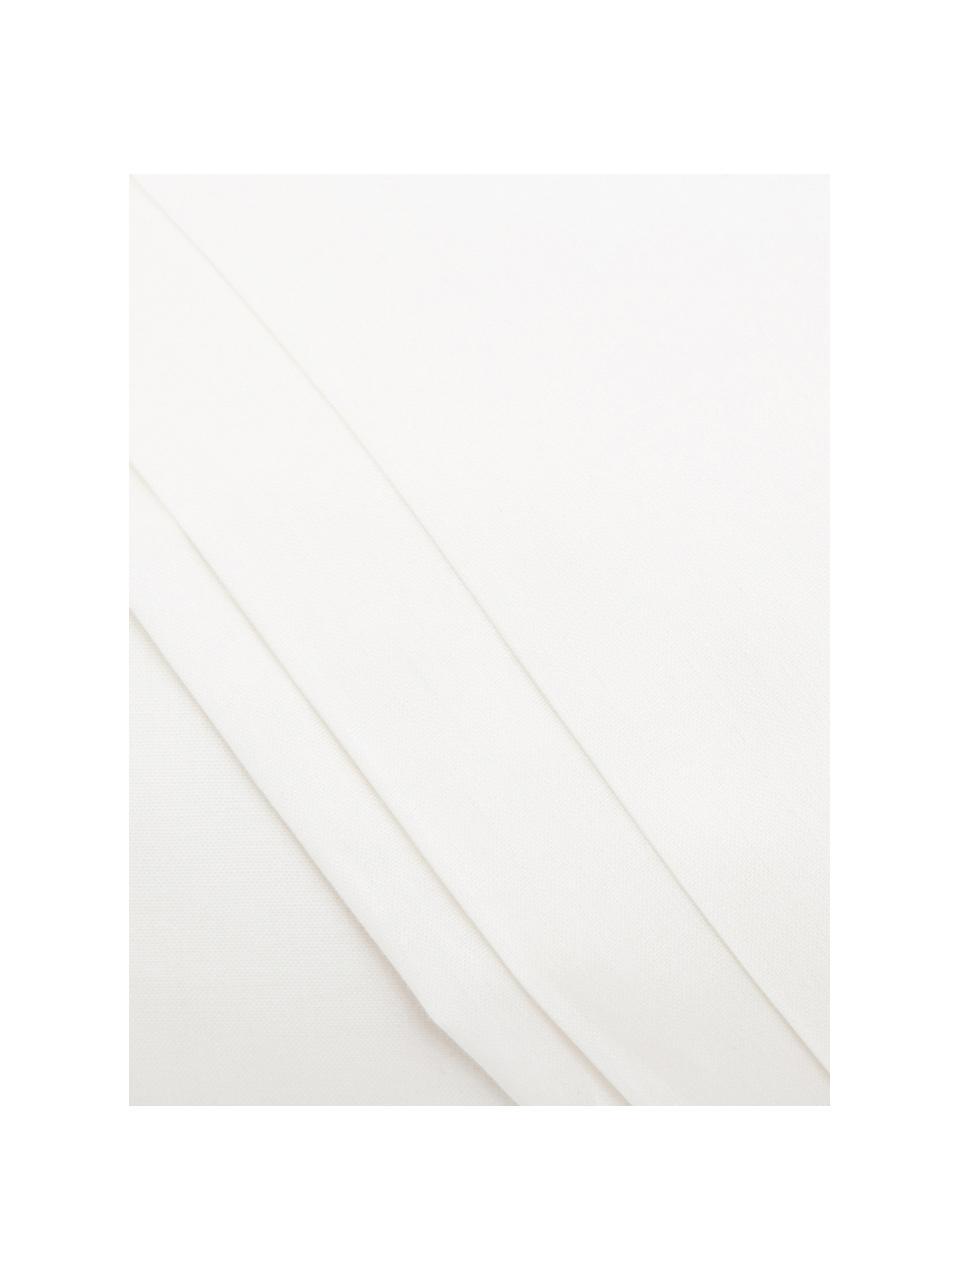 Set lenzuola in cotone avorio Lenare, Fronte e retro: avorio chiaro, 150 x 290 cm + 1 federa 50 x 80 cm